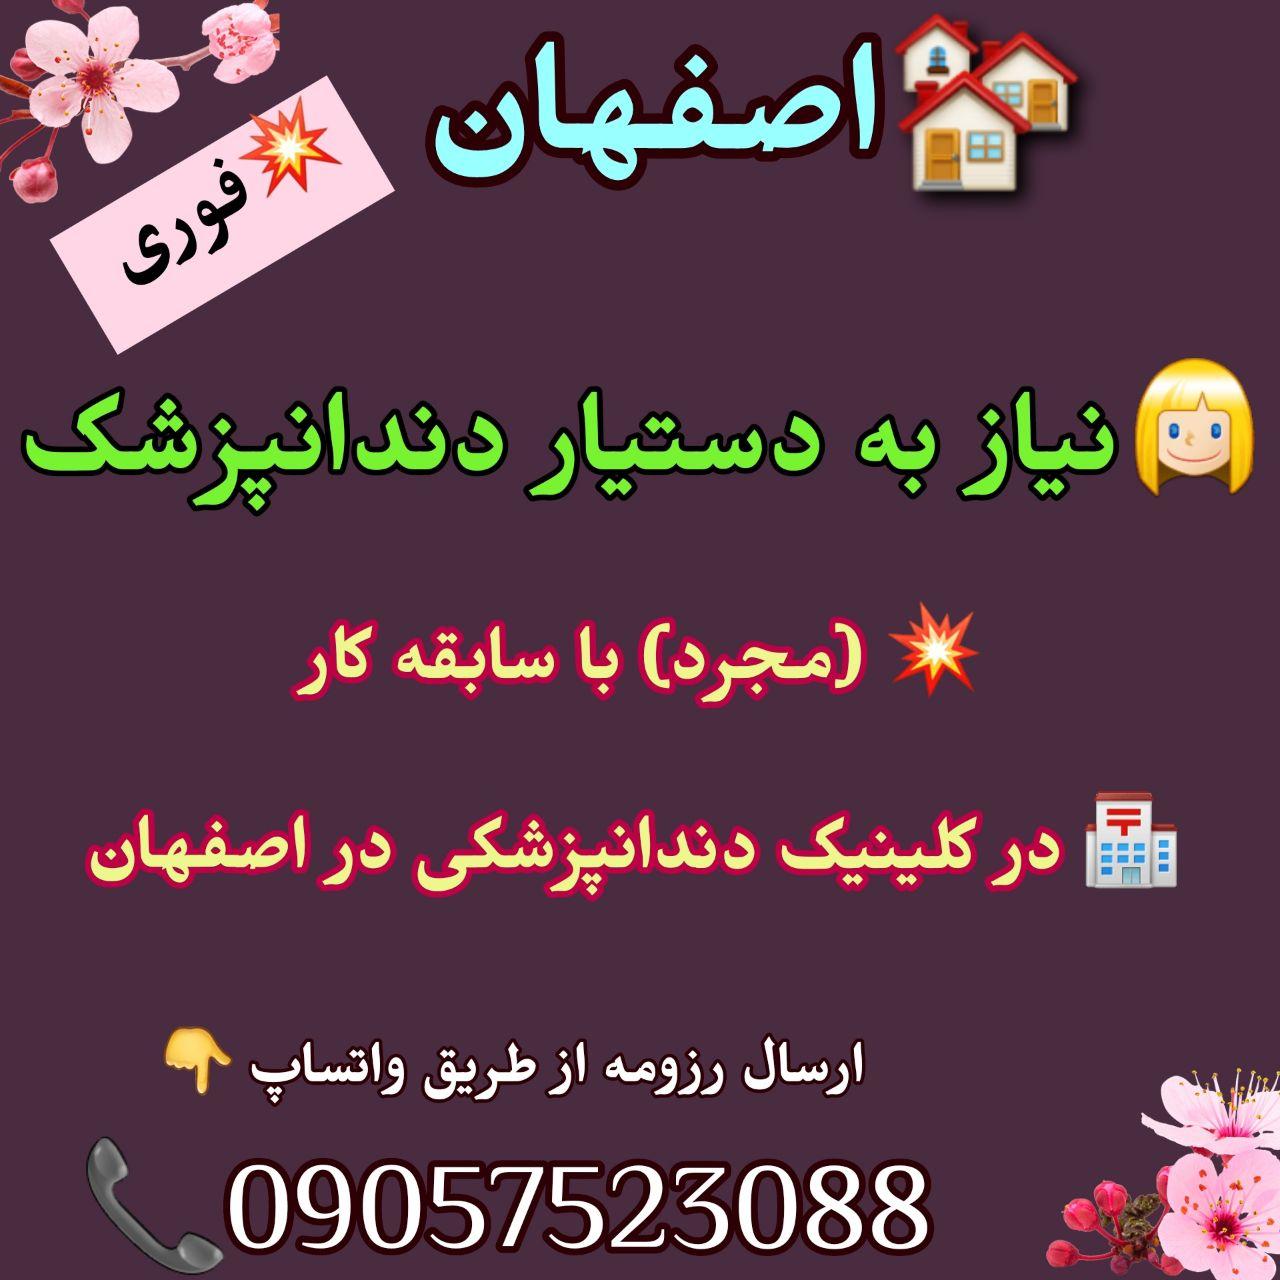 اصفهان: نیاز به دستیار دندانپزشک